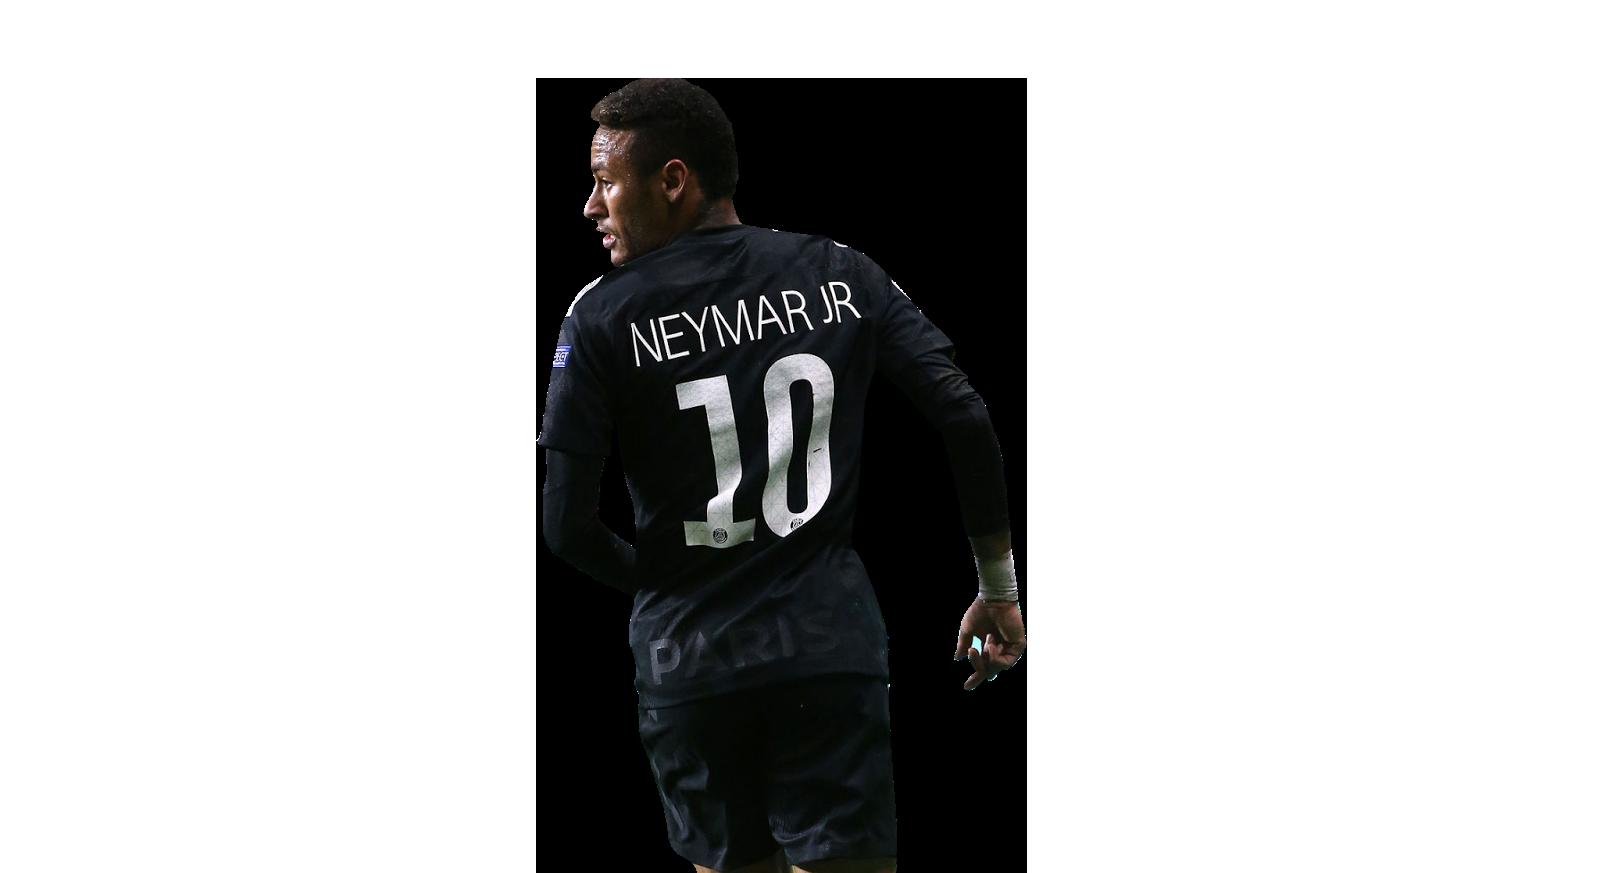 Neymar 10 Football Player Png Psg By Kora Renders